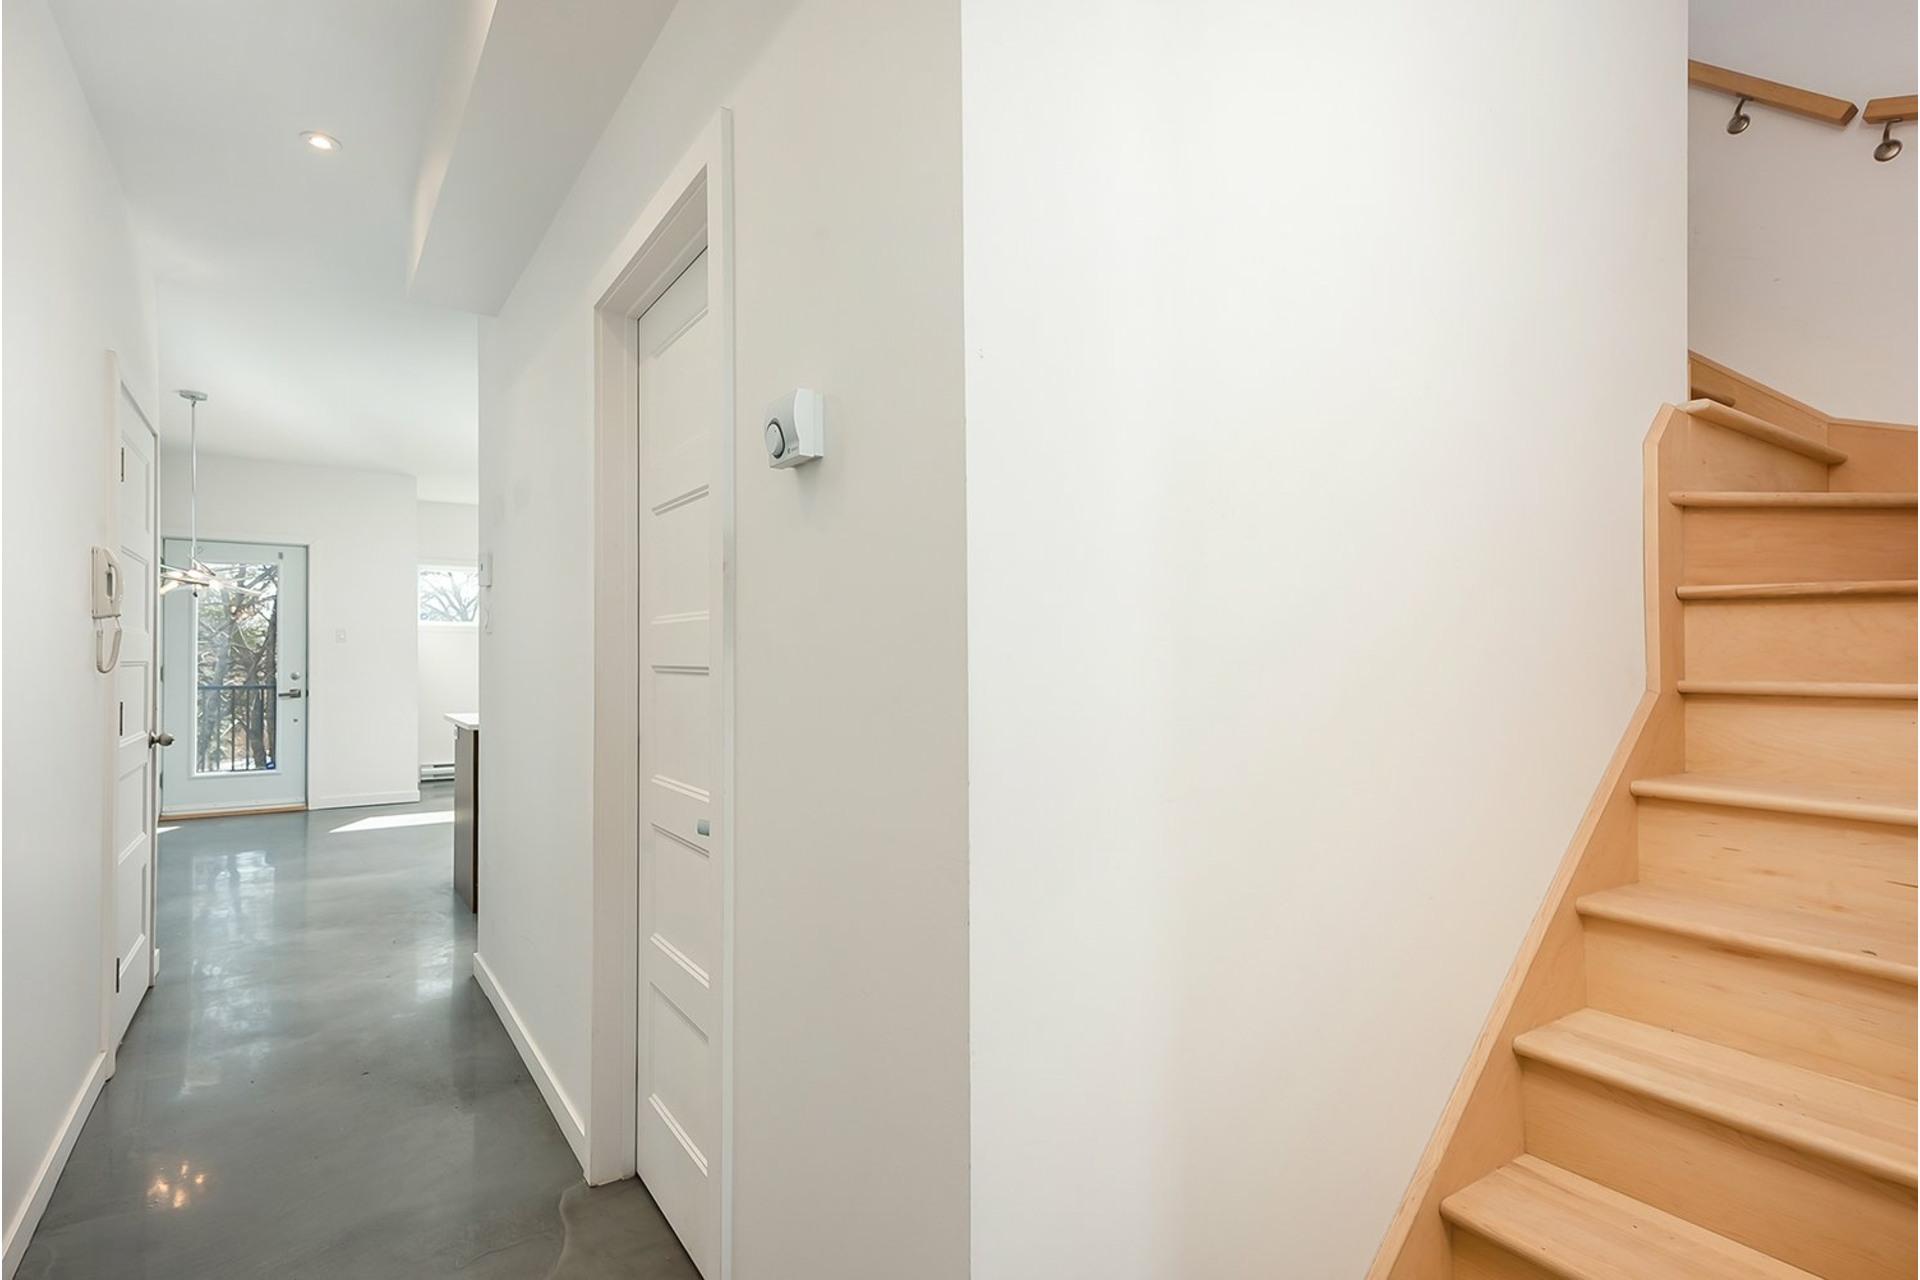 image 10 - Triplex For sale Mercier/Hochelaga-Maisonneuve Montréal  - 4 rooms